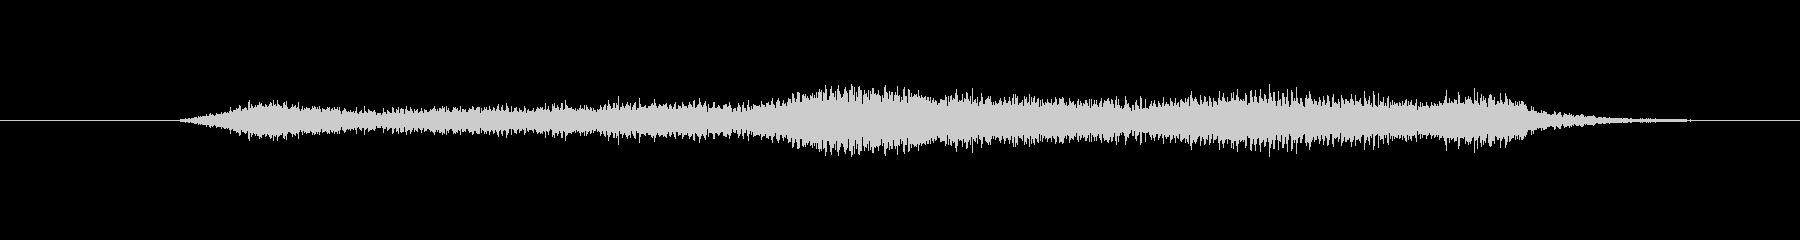 メタル リッドスクリーチハイ03の未再生の波形